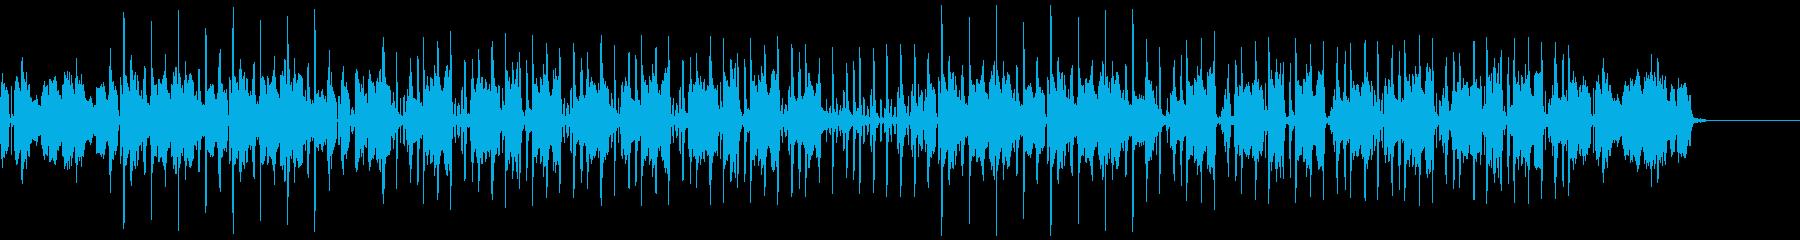 伝統的 ジャズ ビバップ モダン ...の再生済みの波形